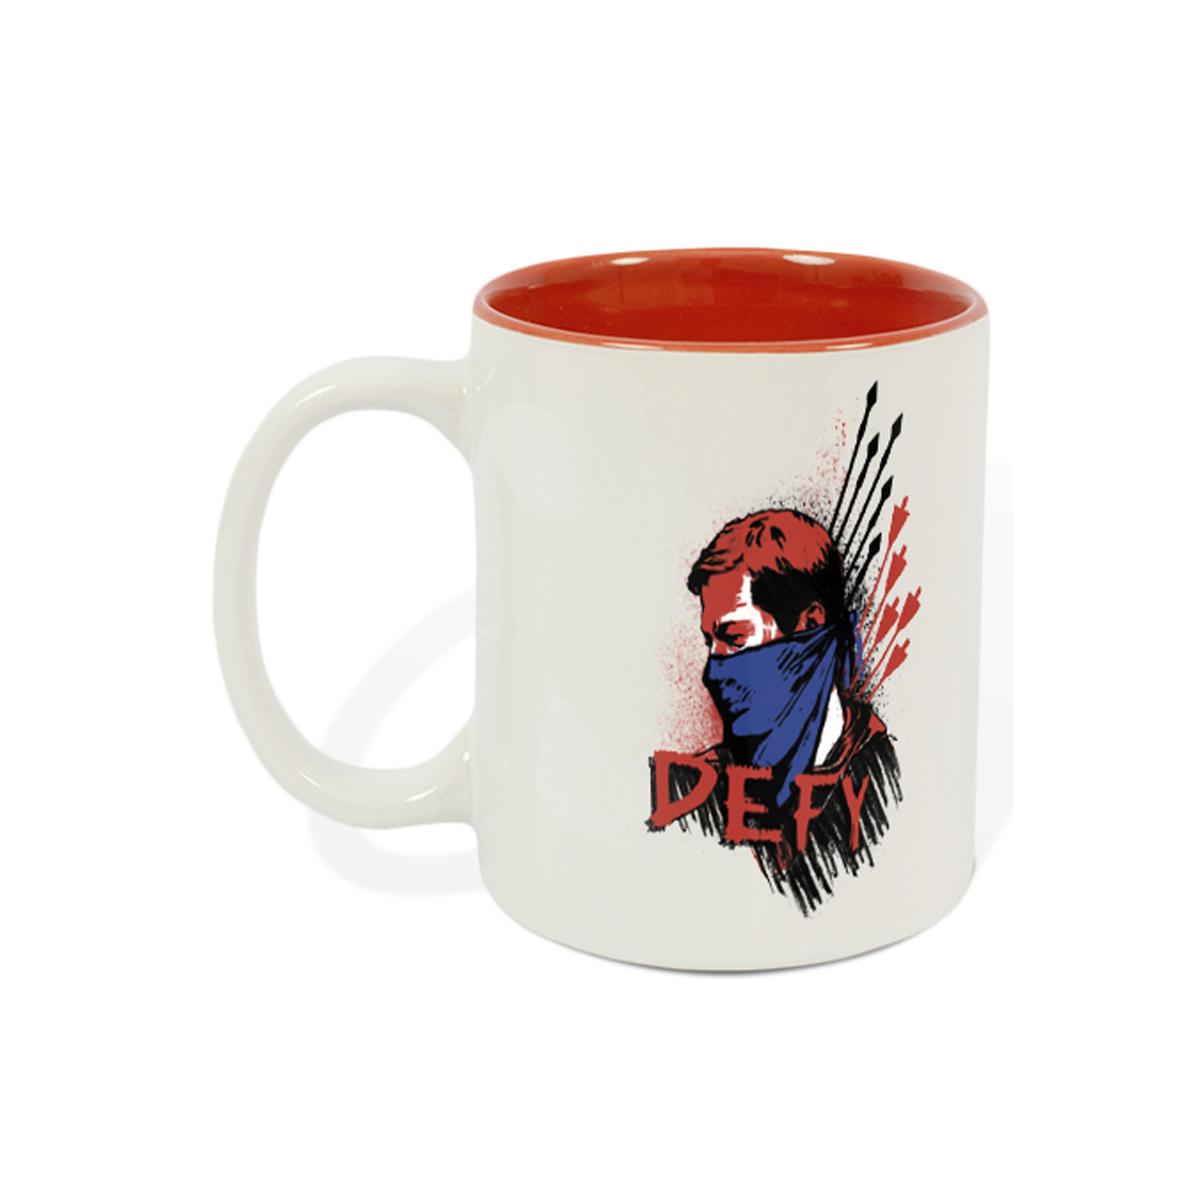 Robin Hood Defy Mug